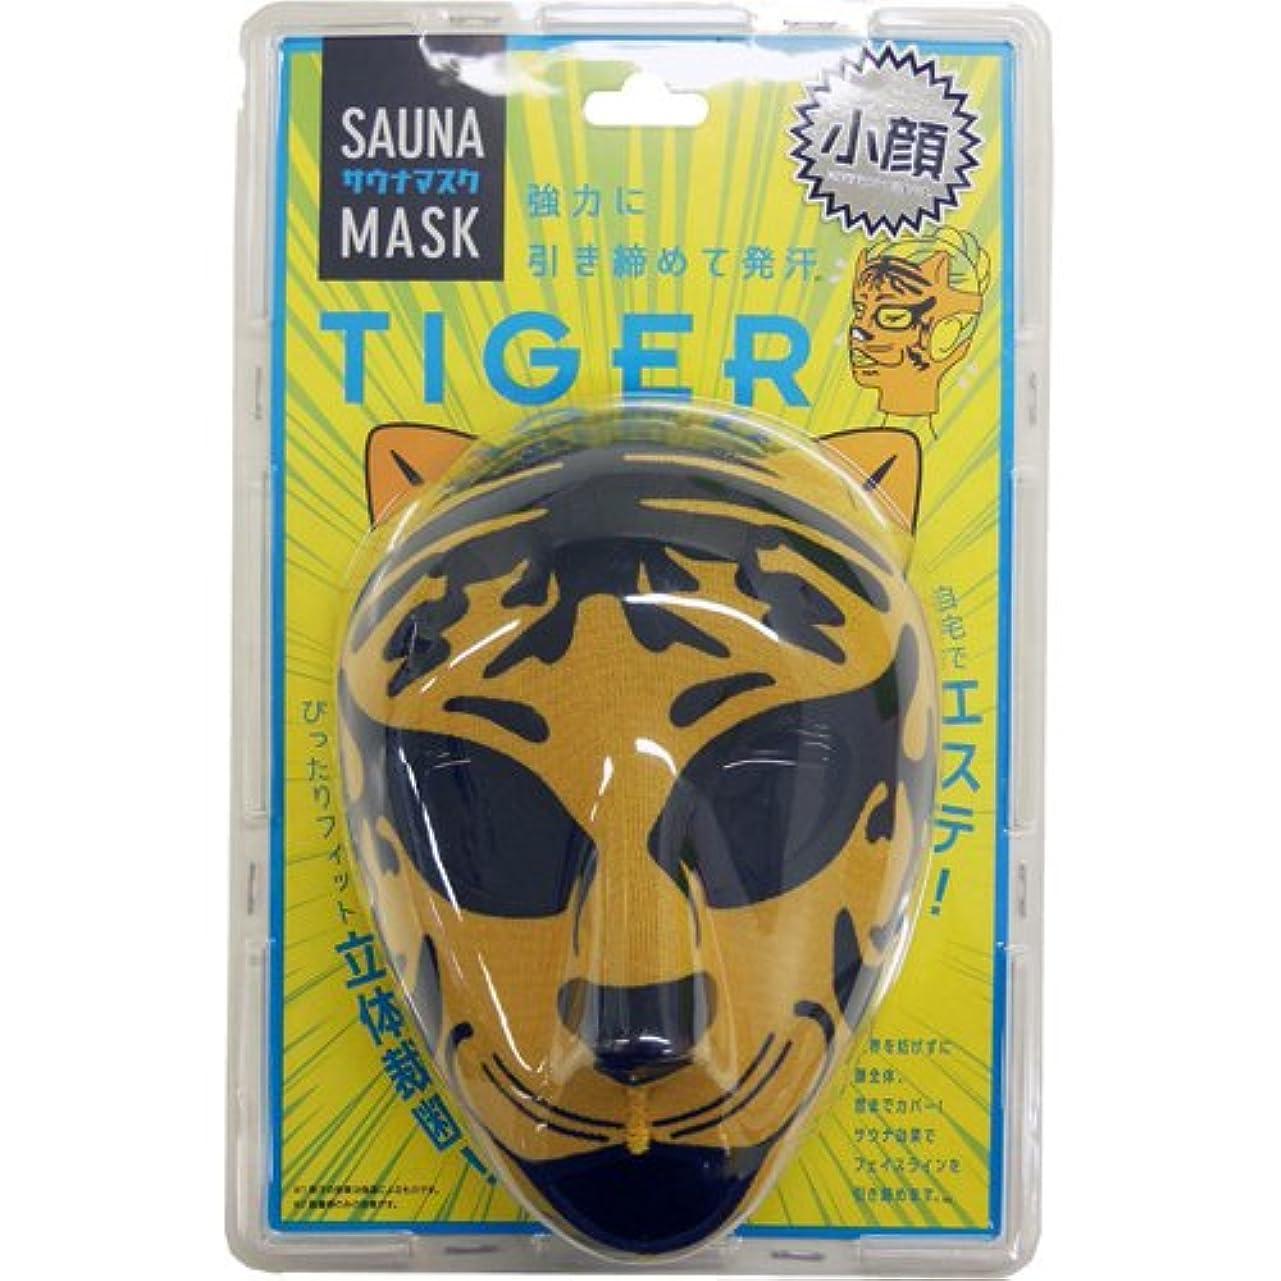 ほのめかす割る差別化するコジット サウナマスク TIGER (1個)